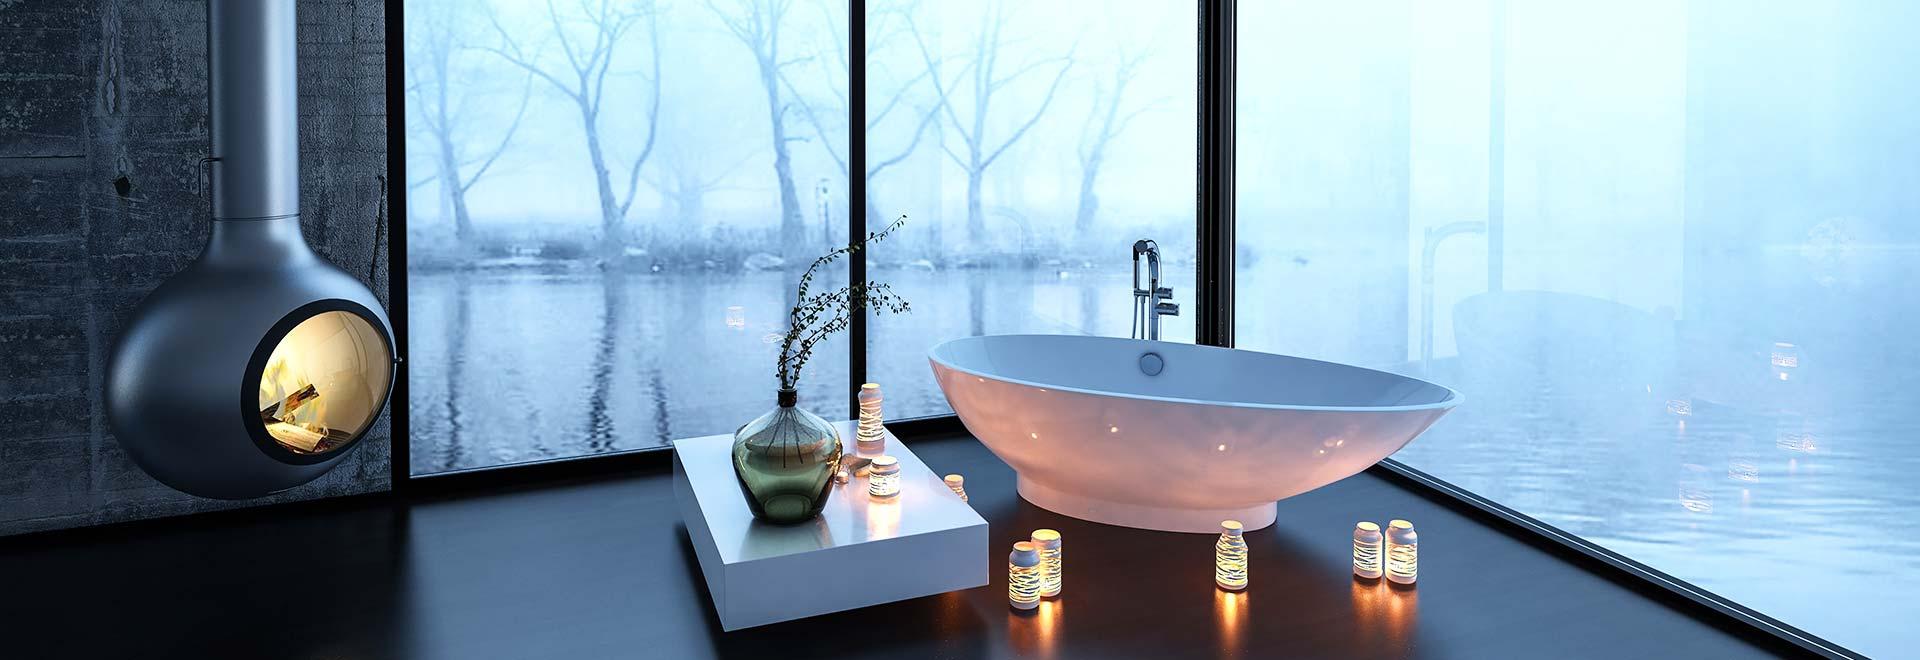 sanit r heizung solar in freiburg walter v gele gmbh. Black Bedroom Furniture Sets. Home Design Ideas